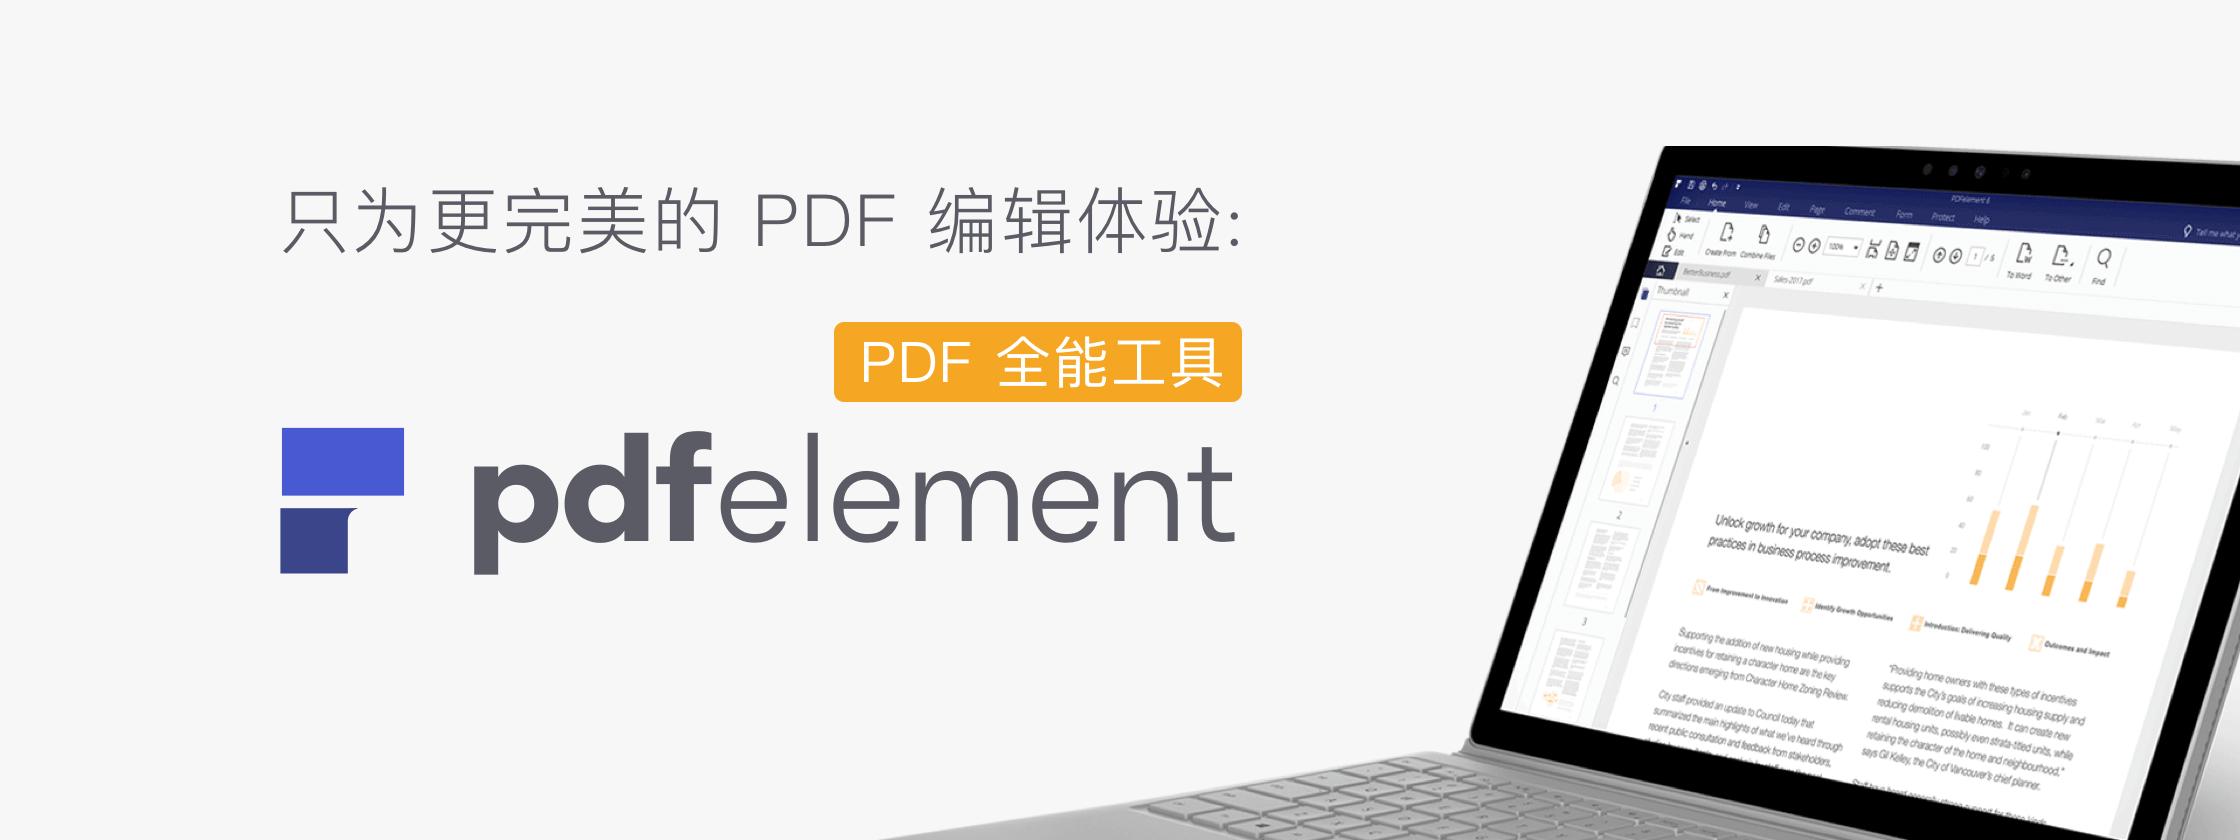 只为更完美的 PDF 编辑体验:全能工具 PDFelement